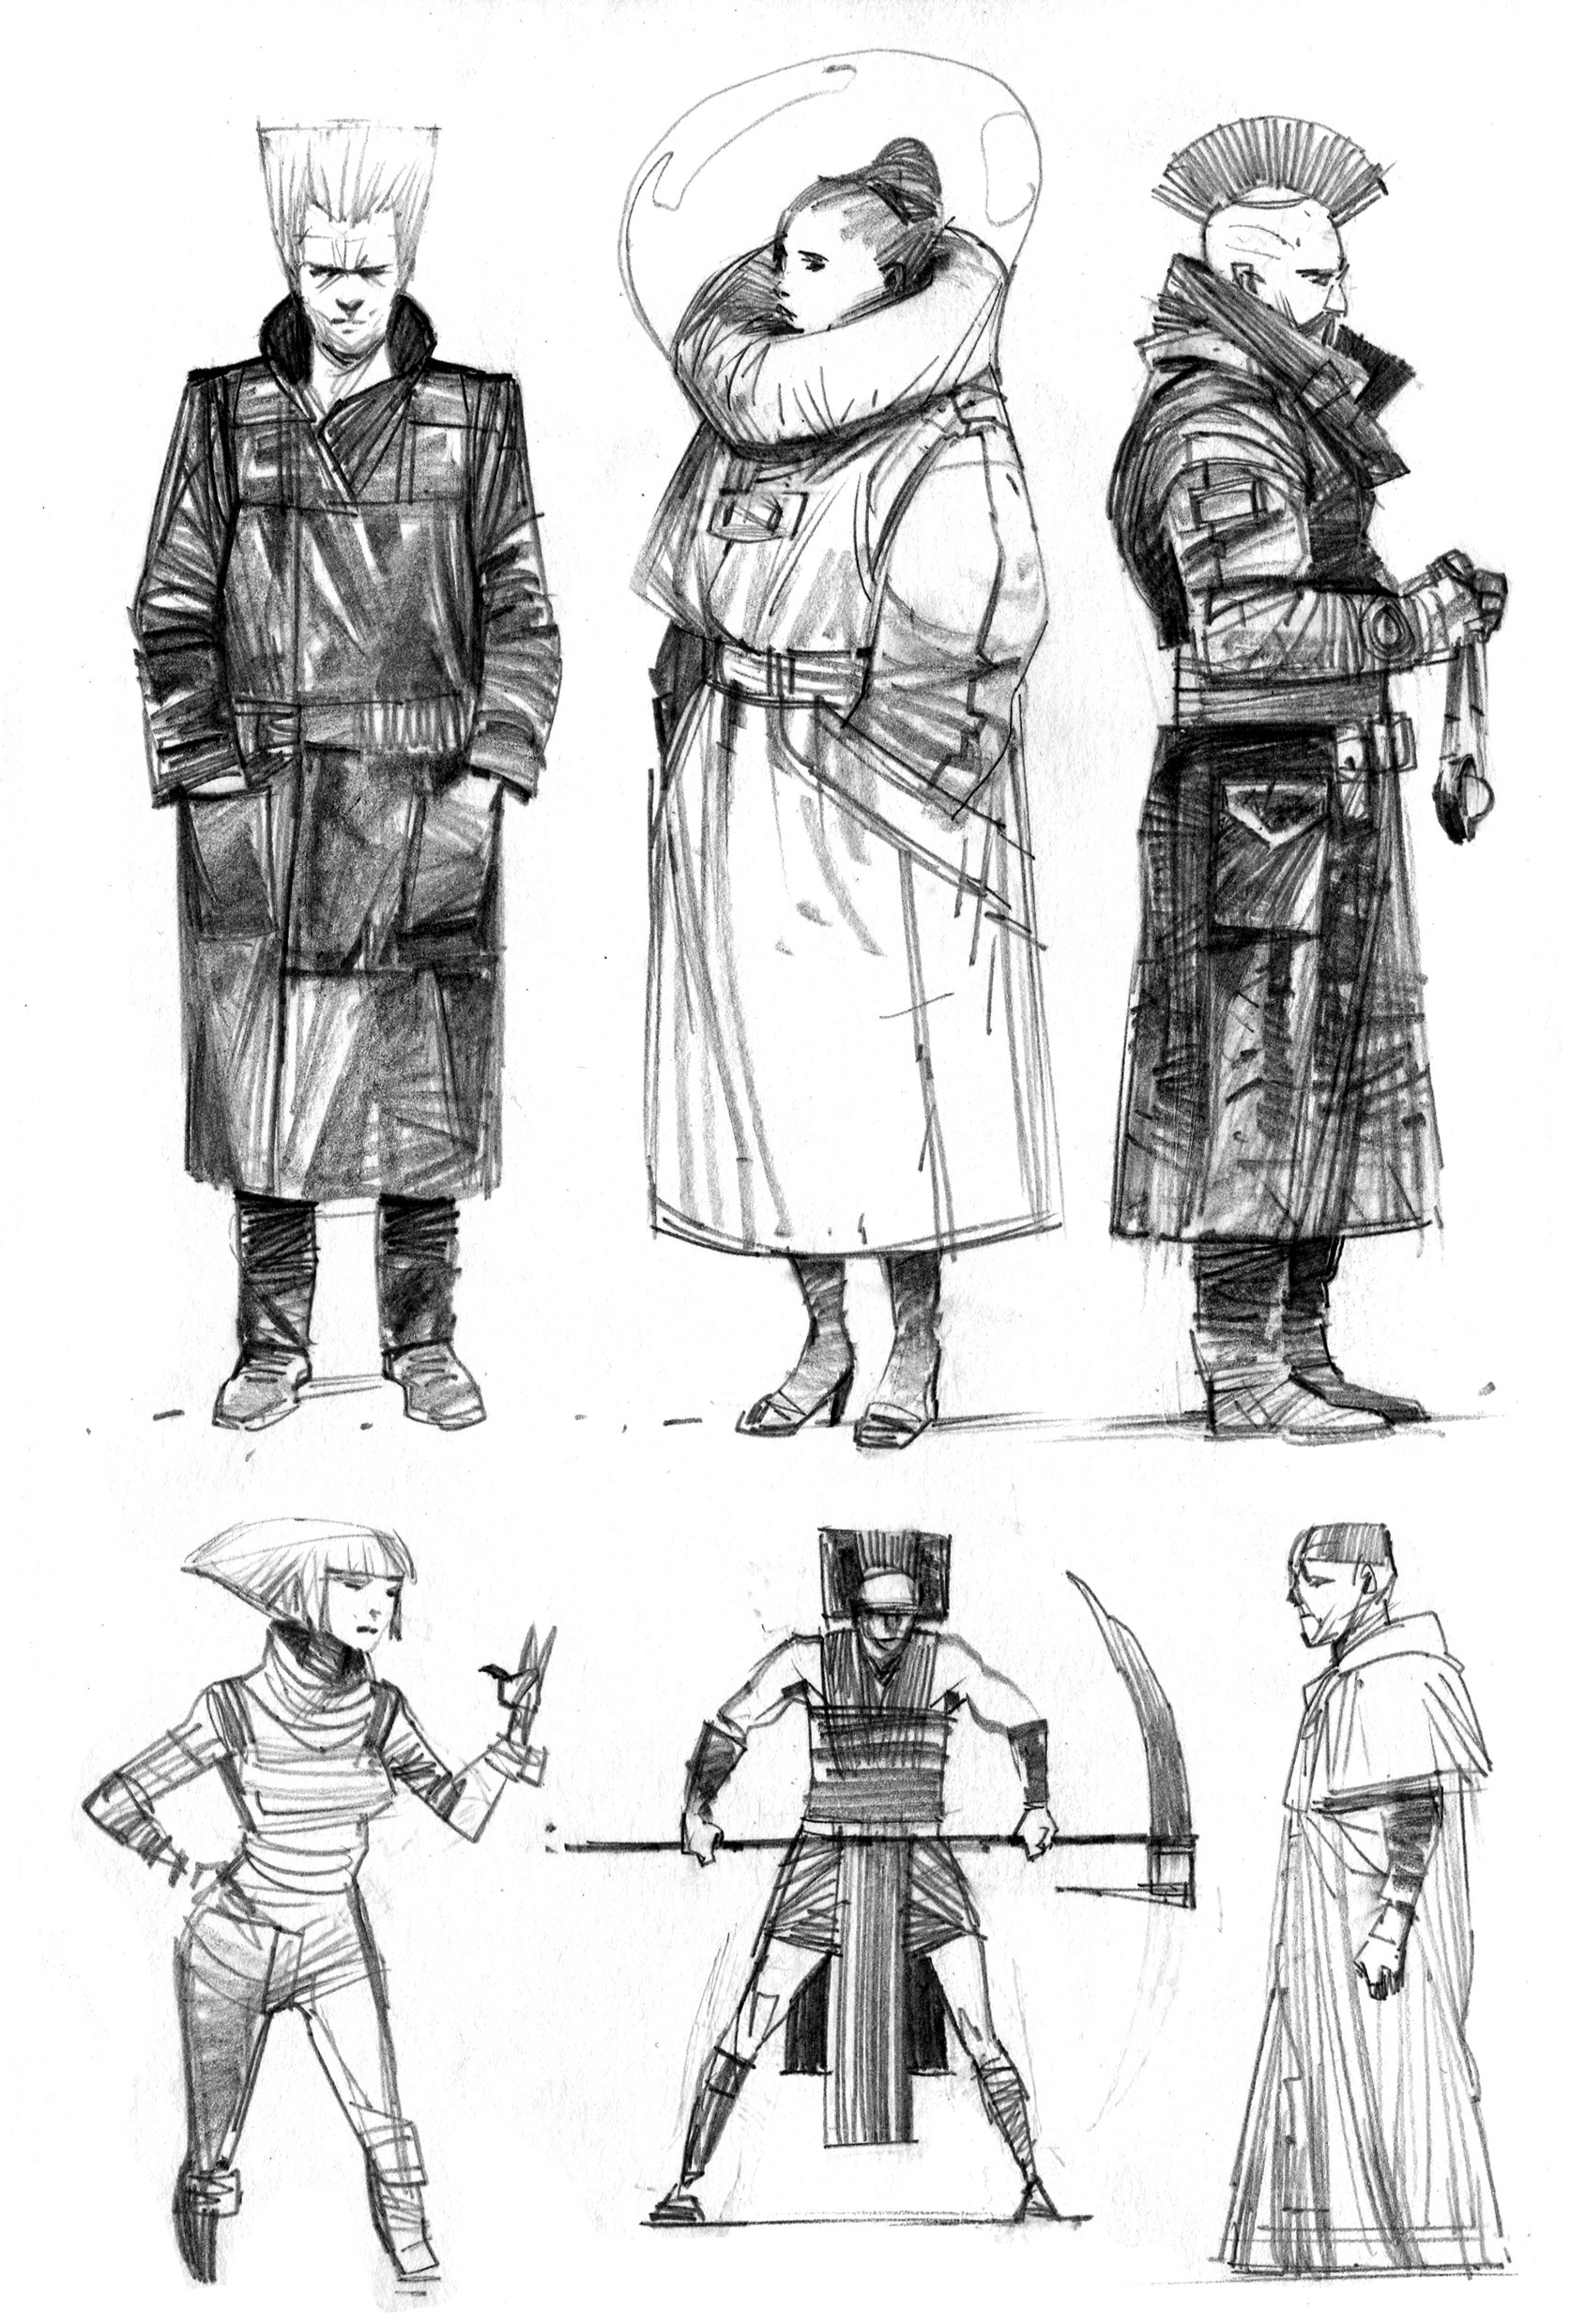 Renaud roche sketchbook11